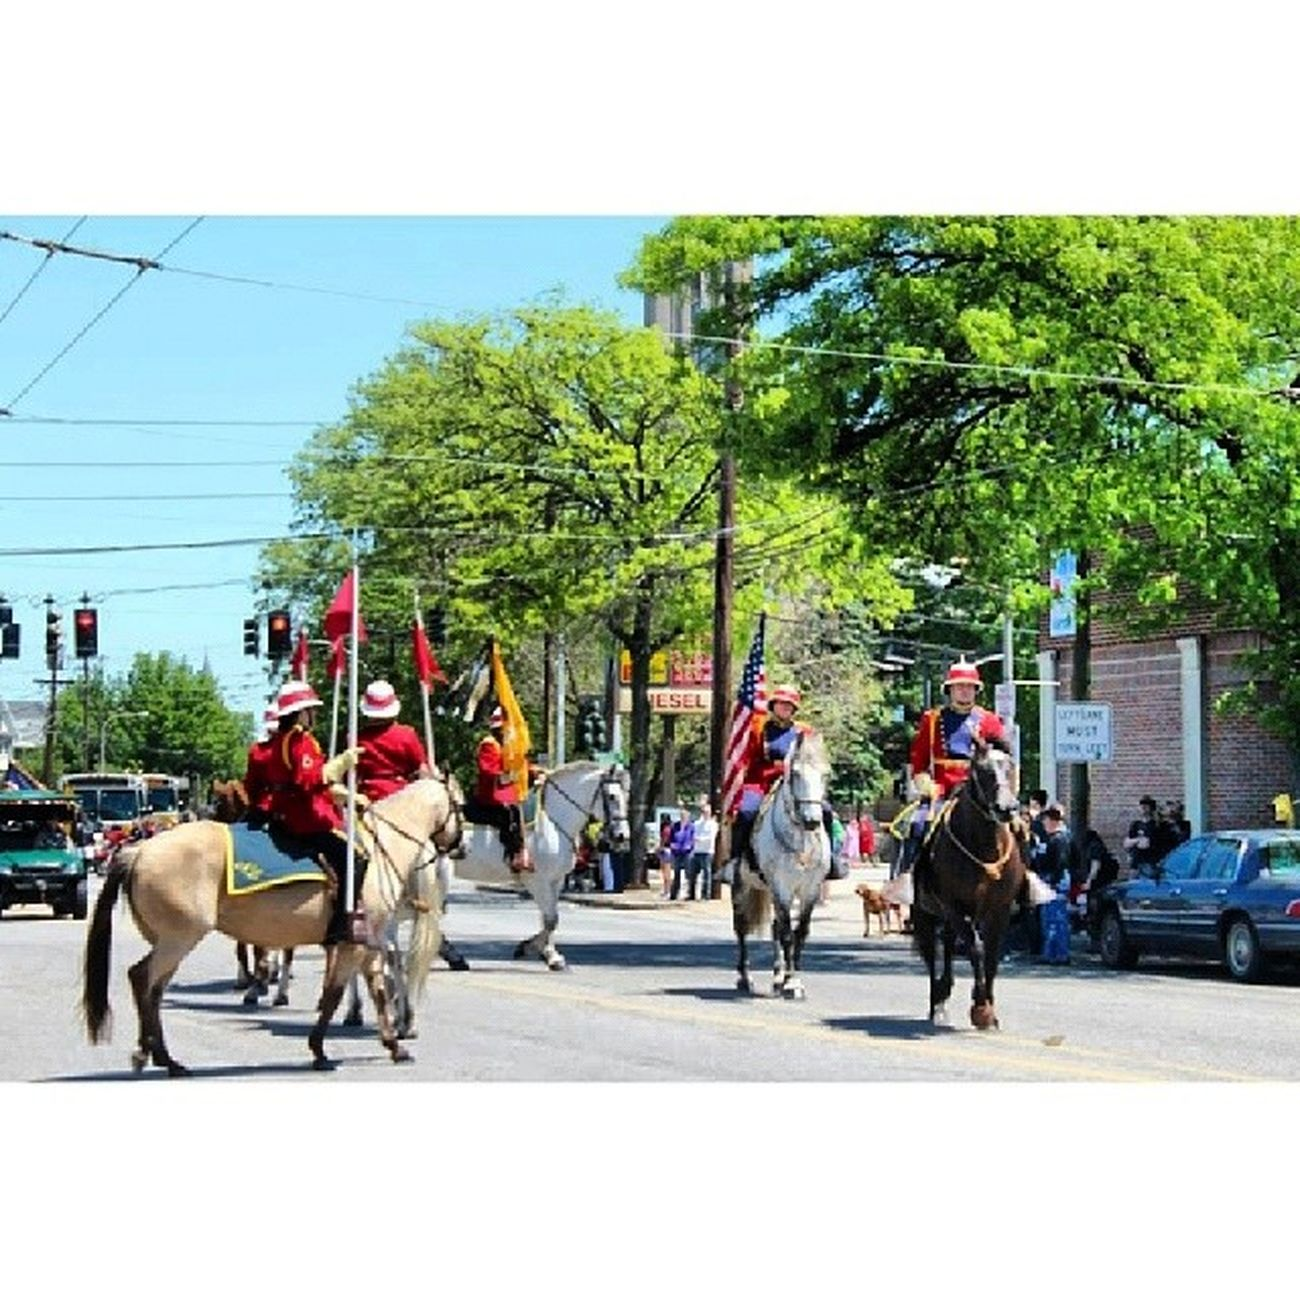 작년 미국국군의 날때 퍼레이드 Memorialday Boston Watertown Parade instagoodinstapic instalike instamoodinstaphototagsforlikes like4like nofiltermemory2013picphoto photoofthedaypicofthedaybestoftheday